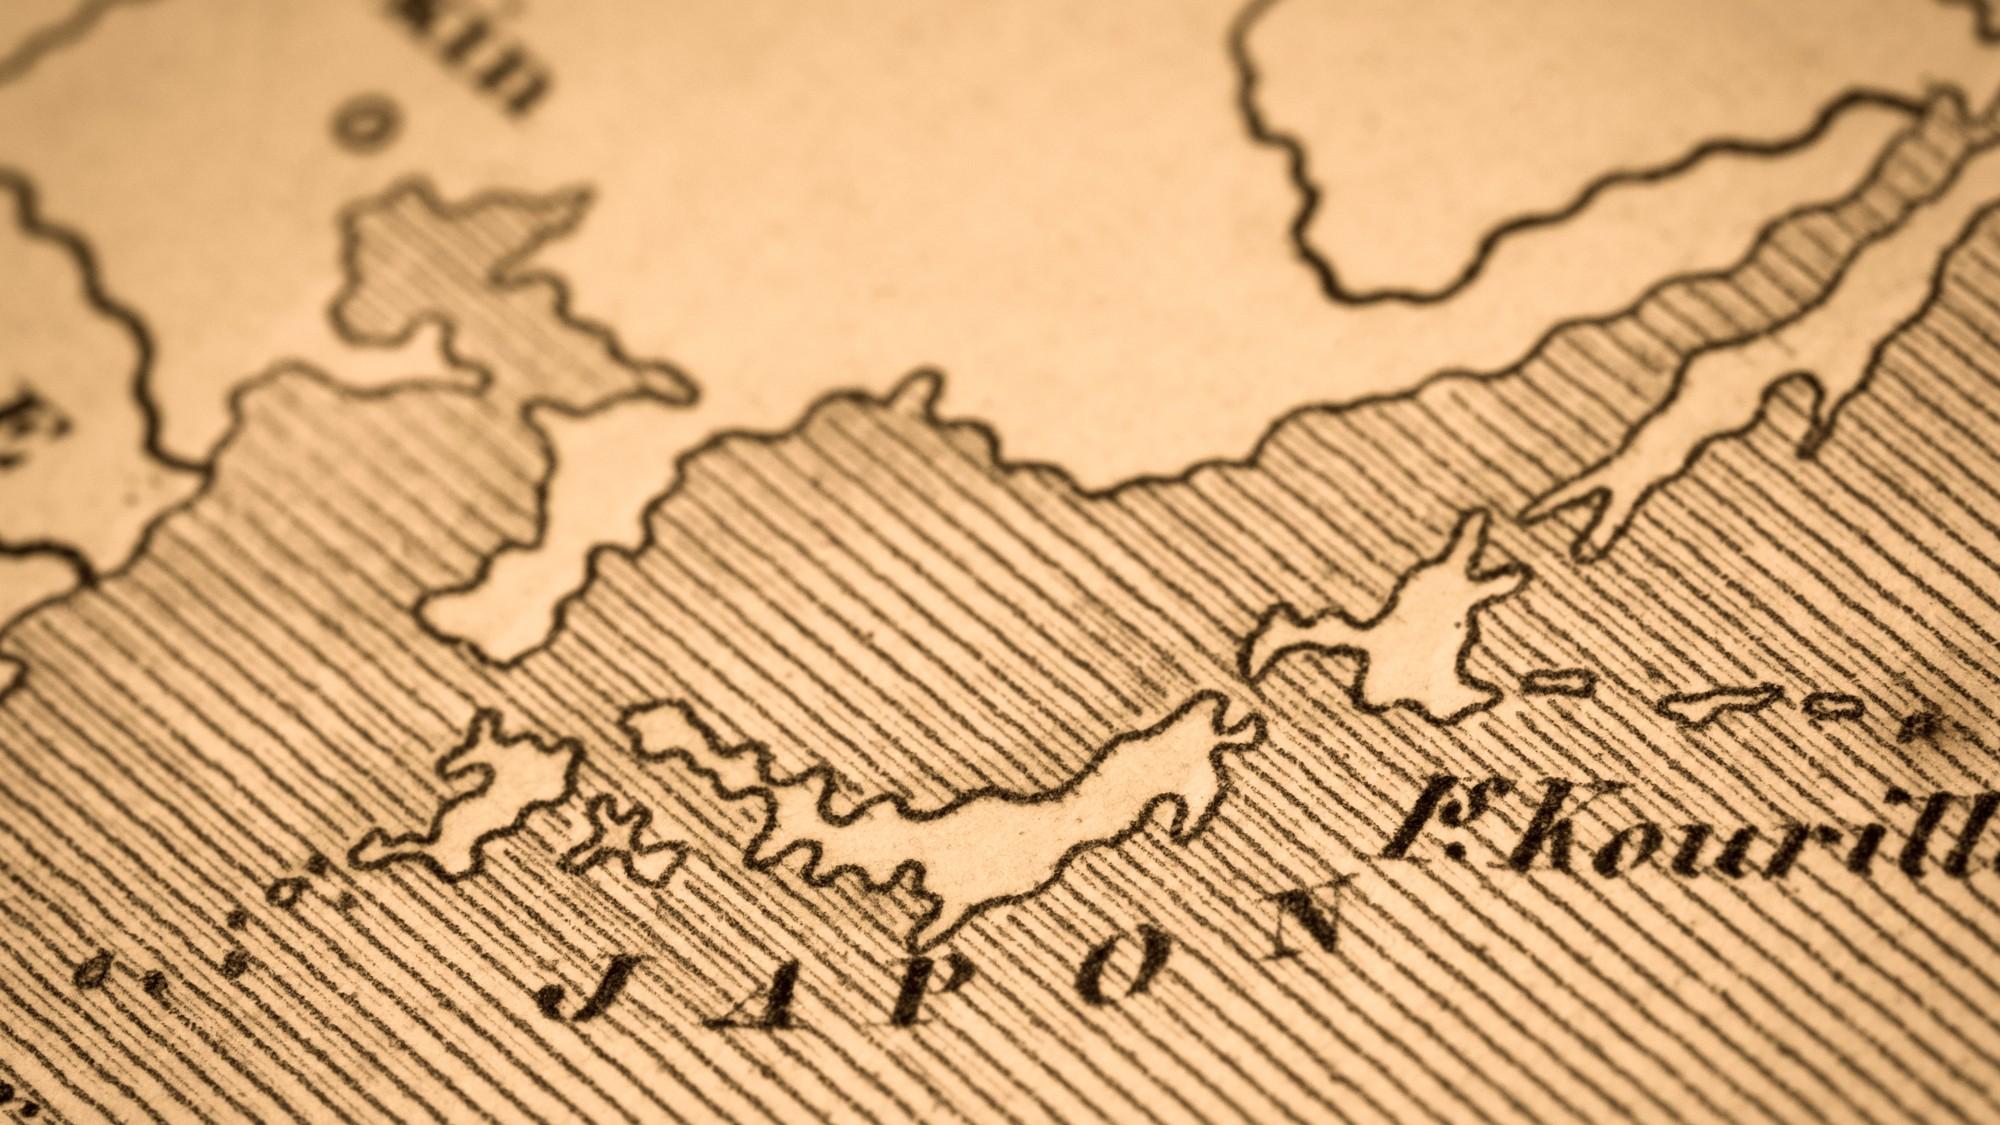 戦前、日本領の「樺太」にいた先祖…戸籍は現存するのか?